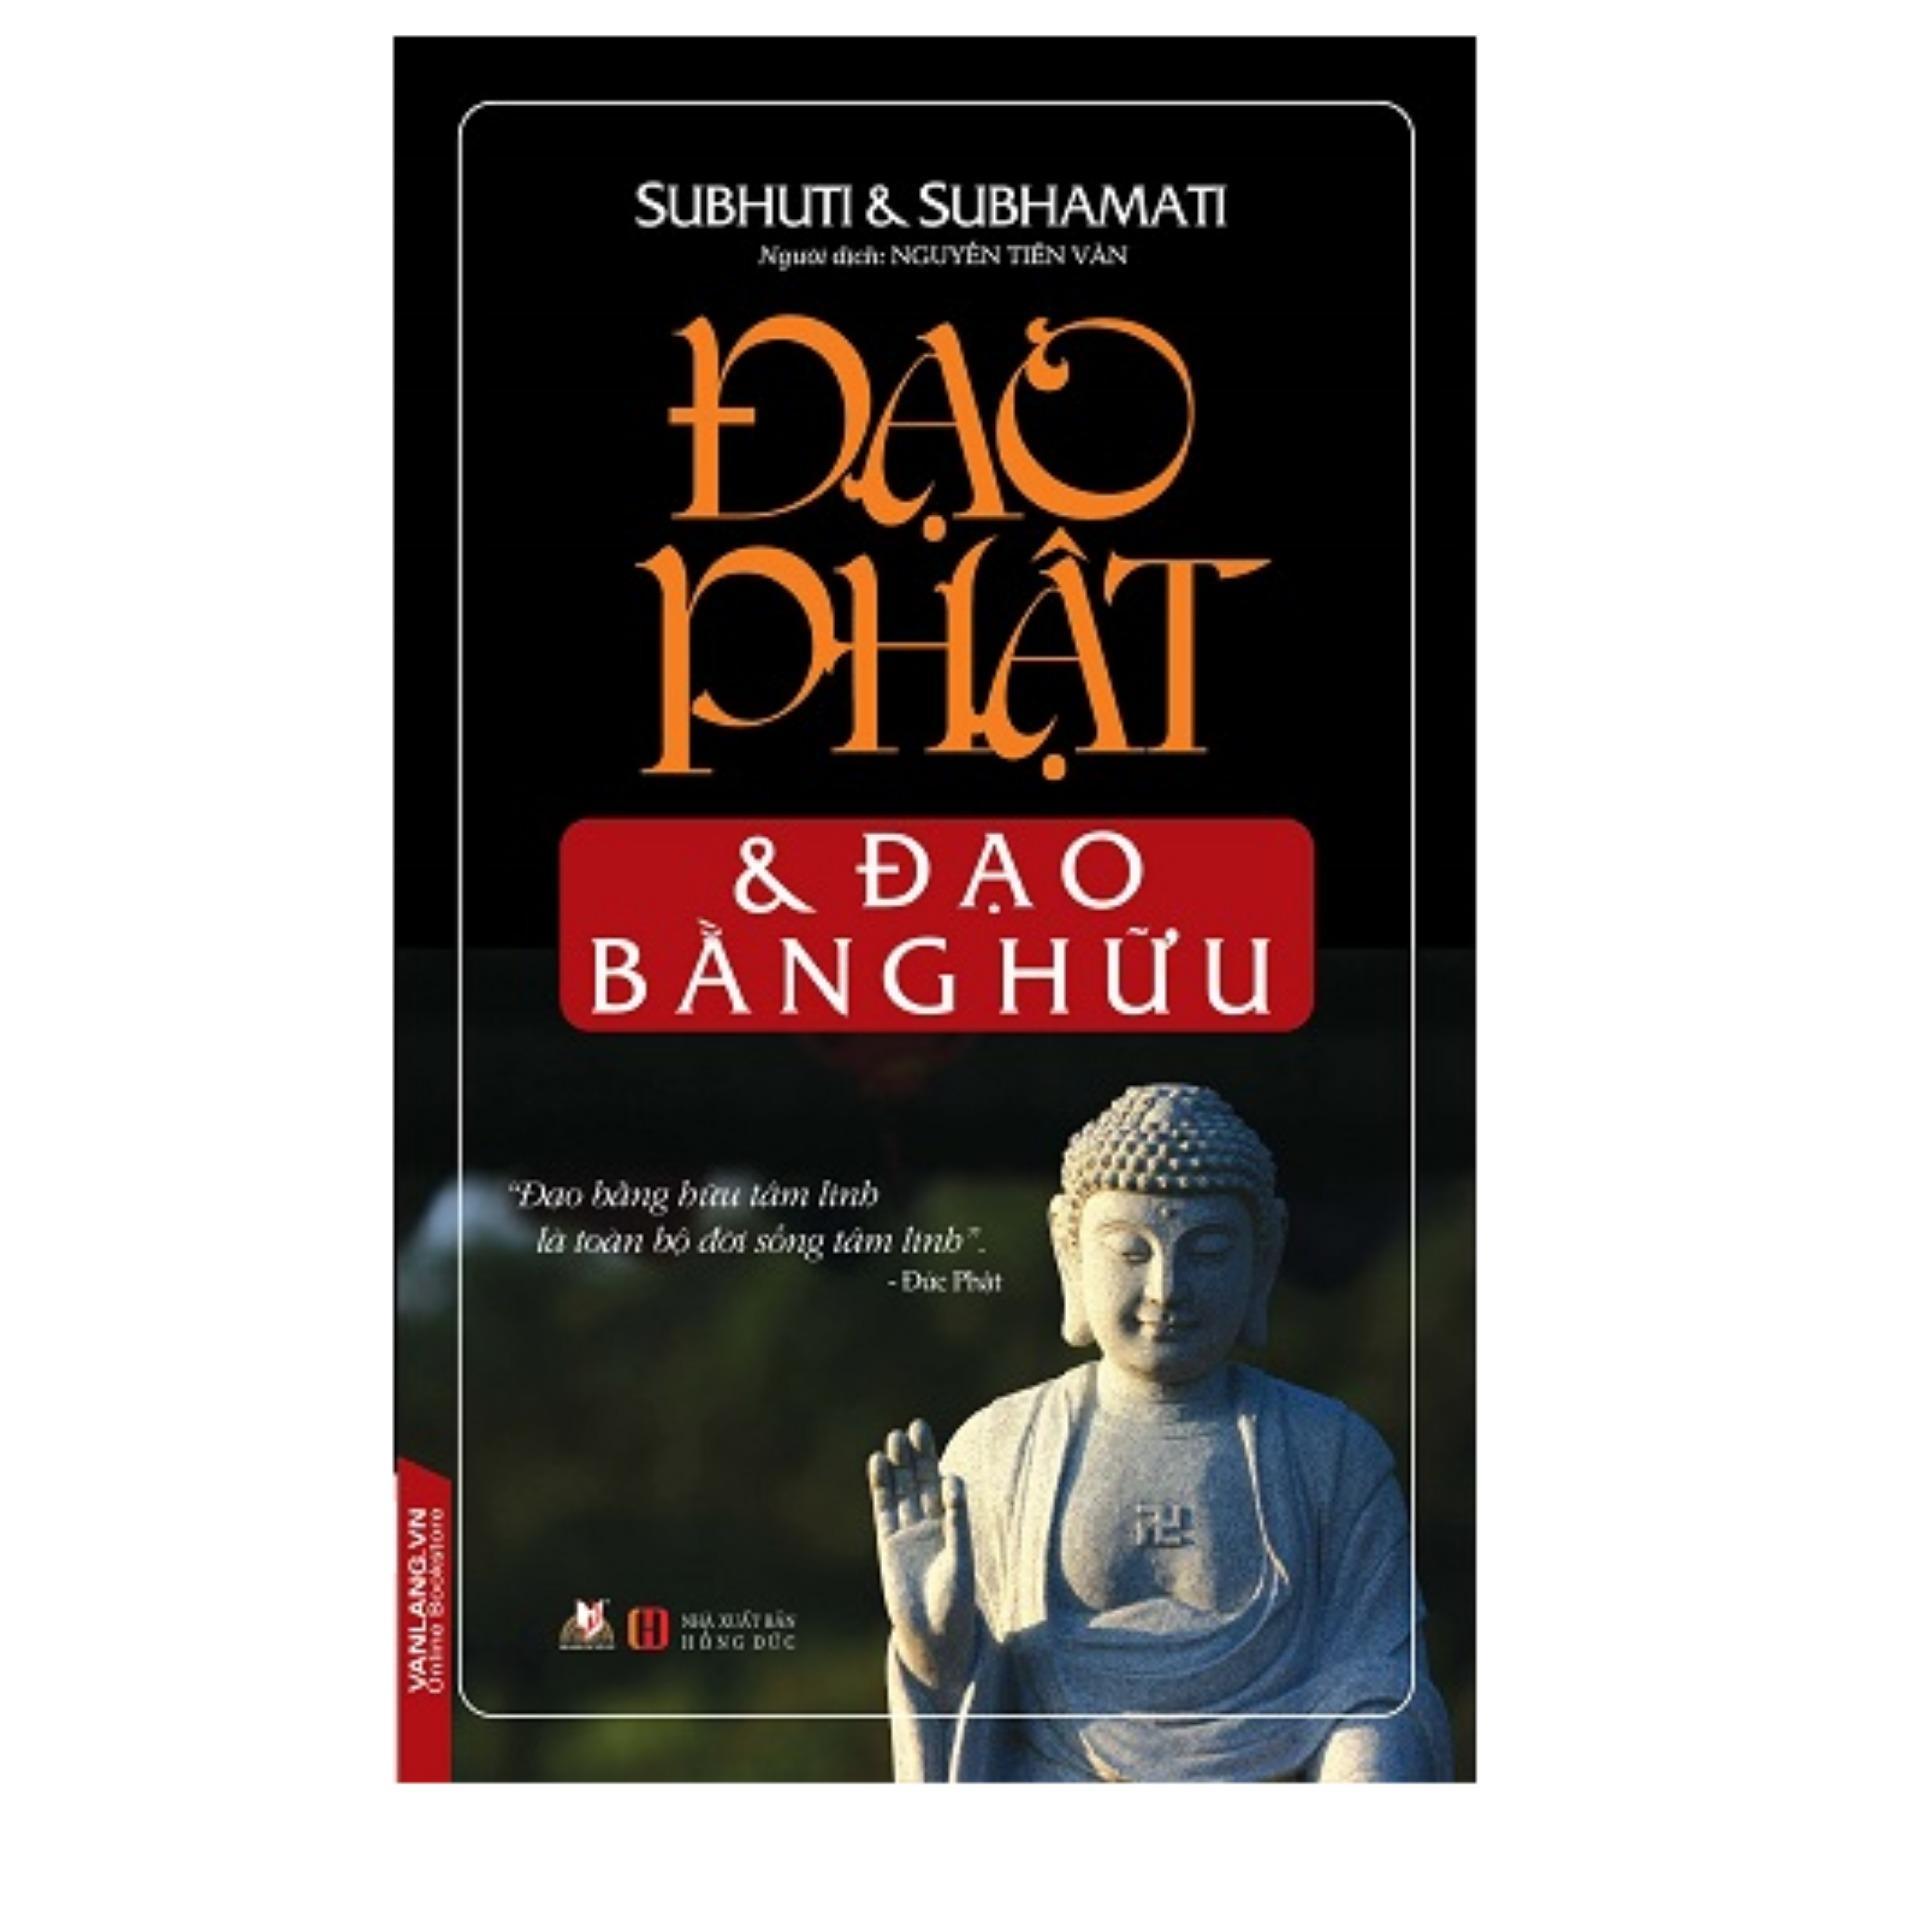 Mua Đạo Phật và đạo bằng hữu